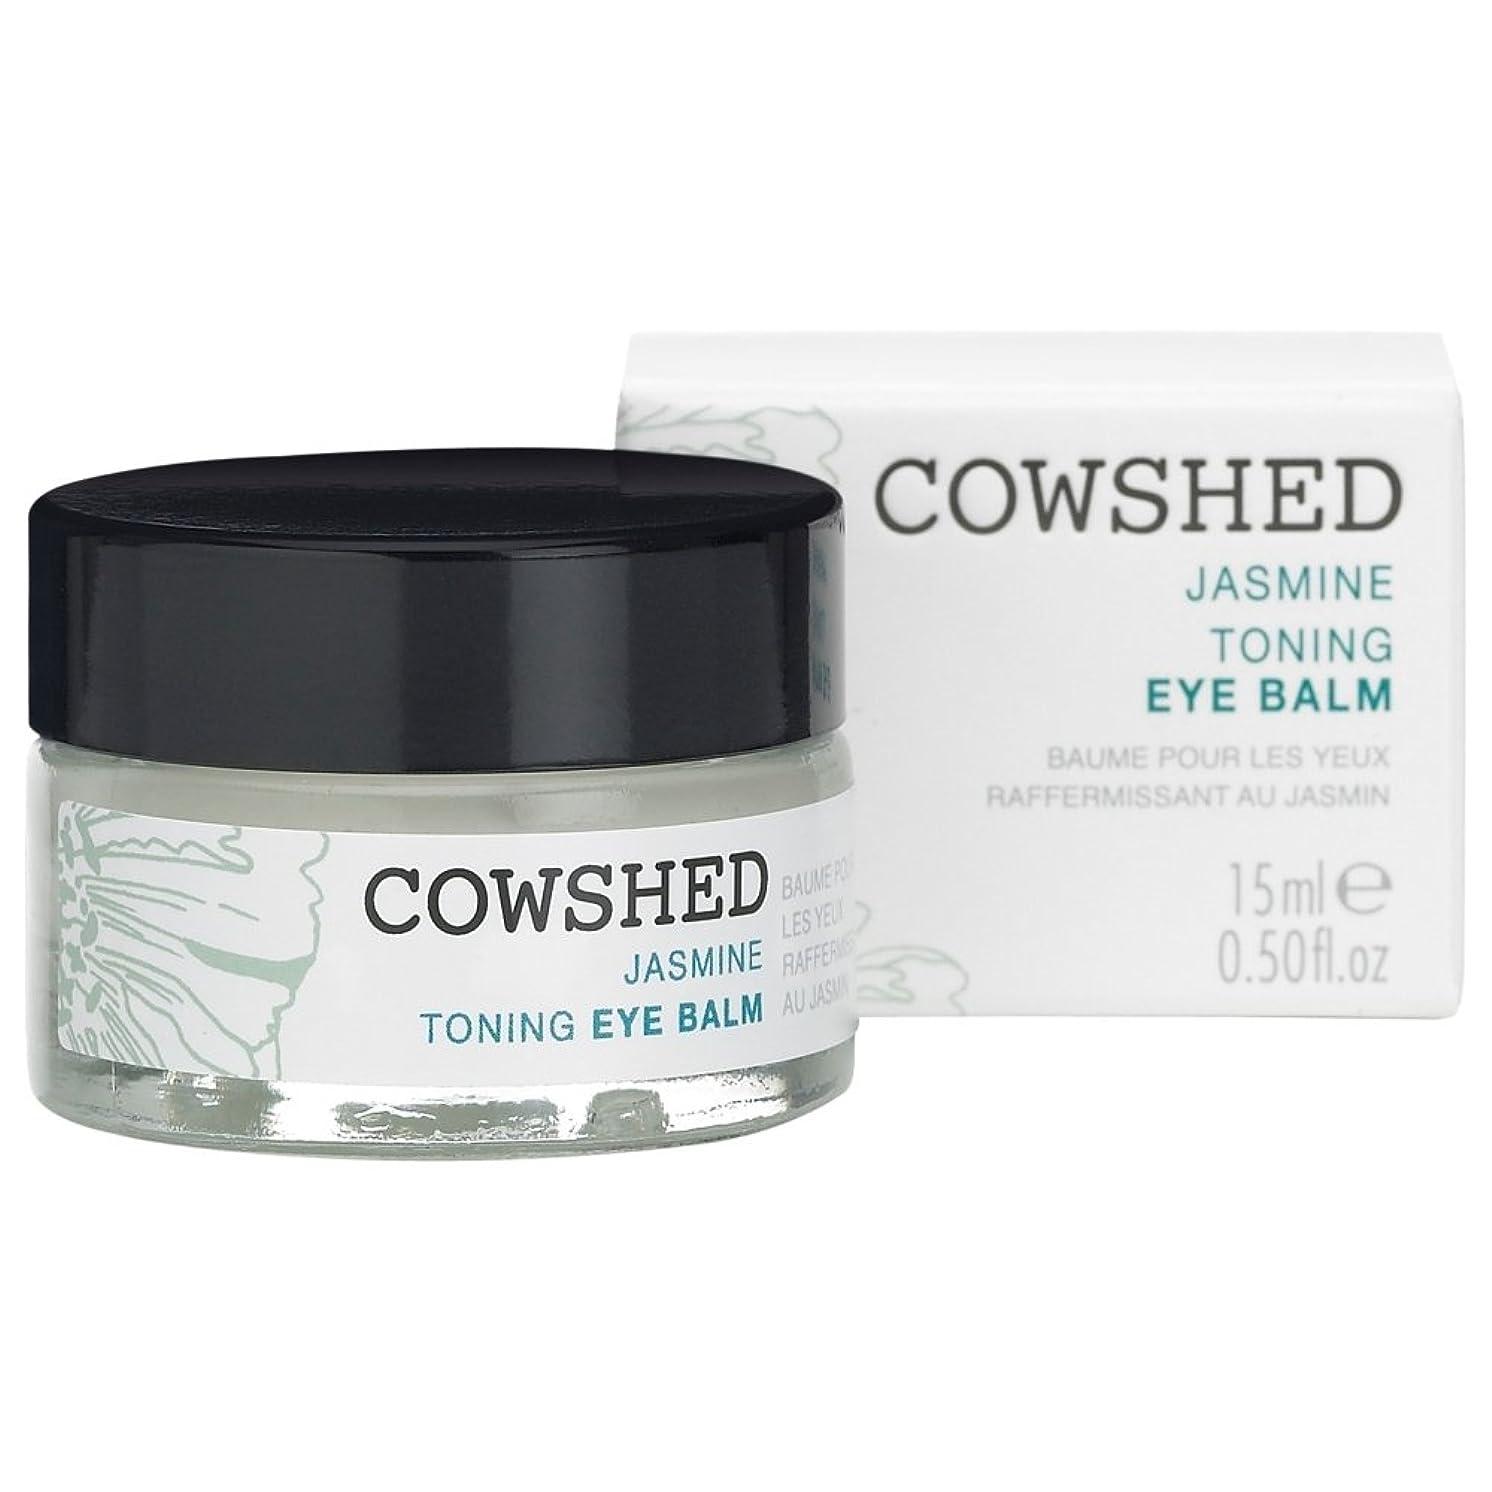 インテリア汚れたカレッジ牛舎ジャスミン調色アイクリーム15ミリリットル (Cowshed) - Cowshed Jasmine Toning Eye Balm 15ml [並行輸入品]